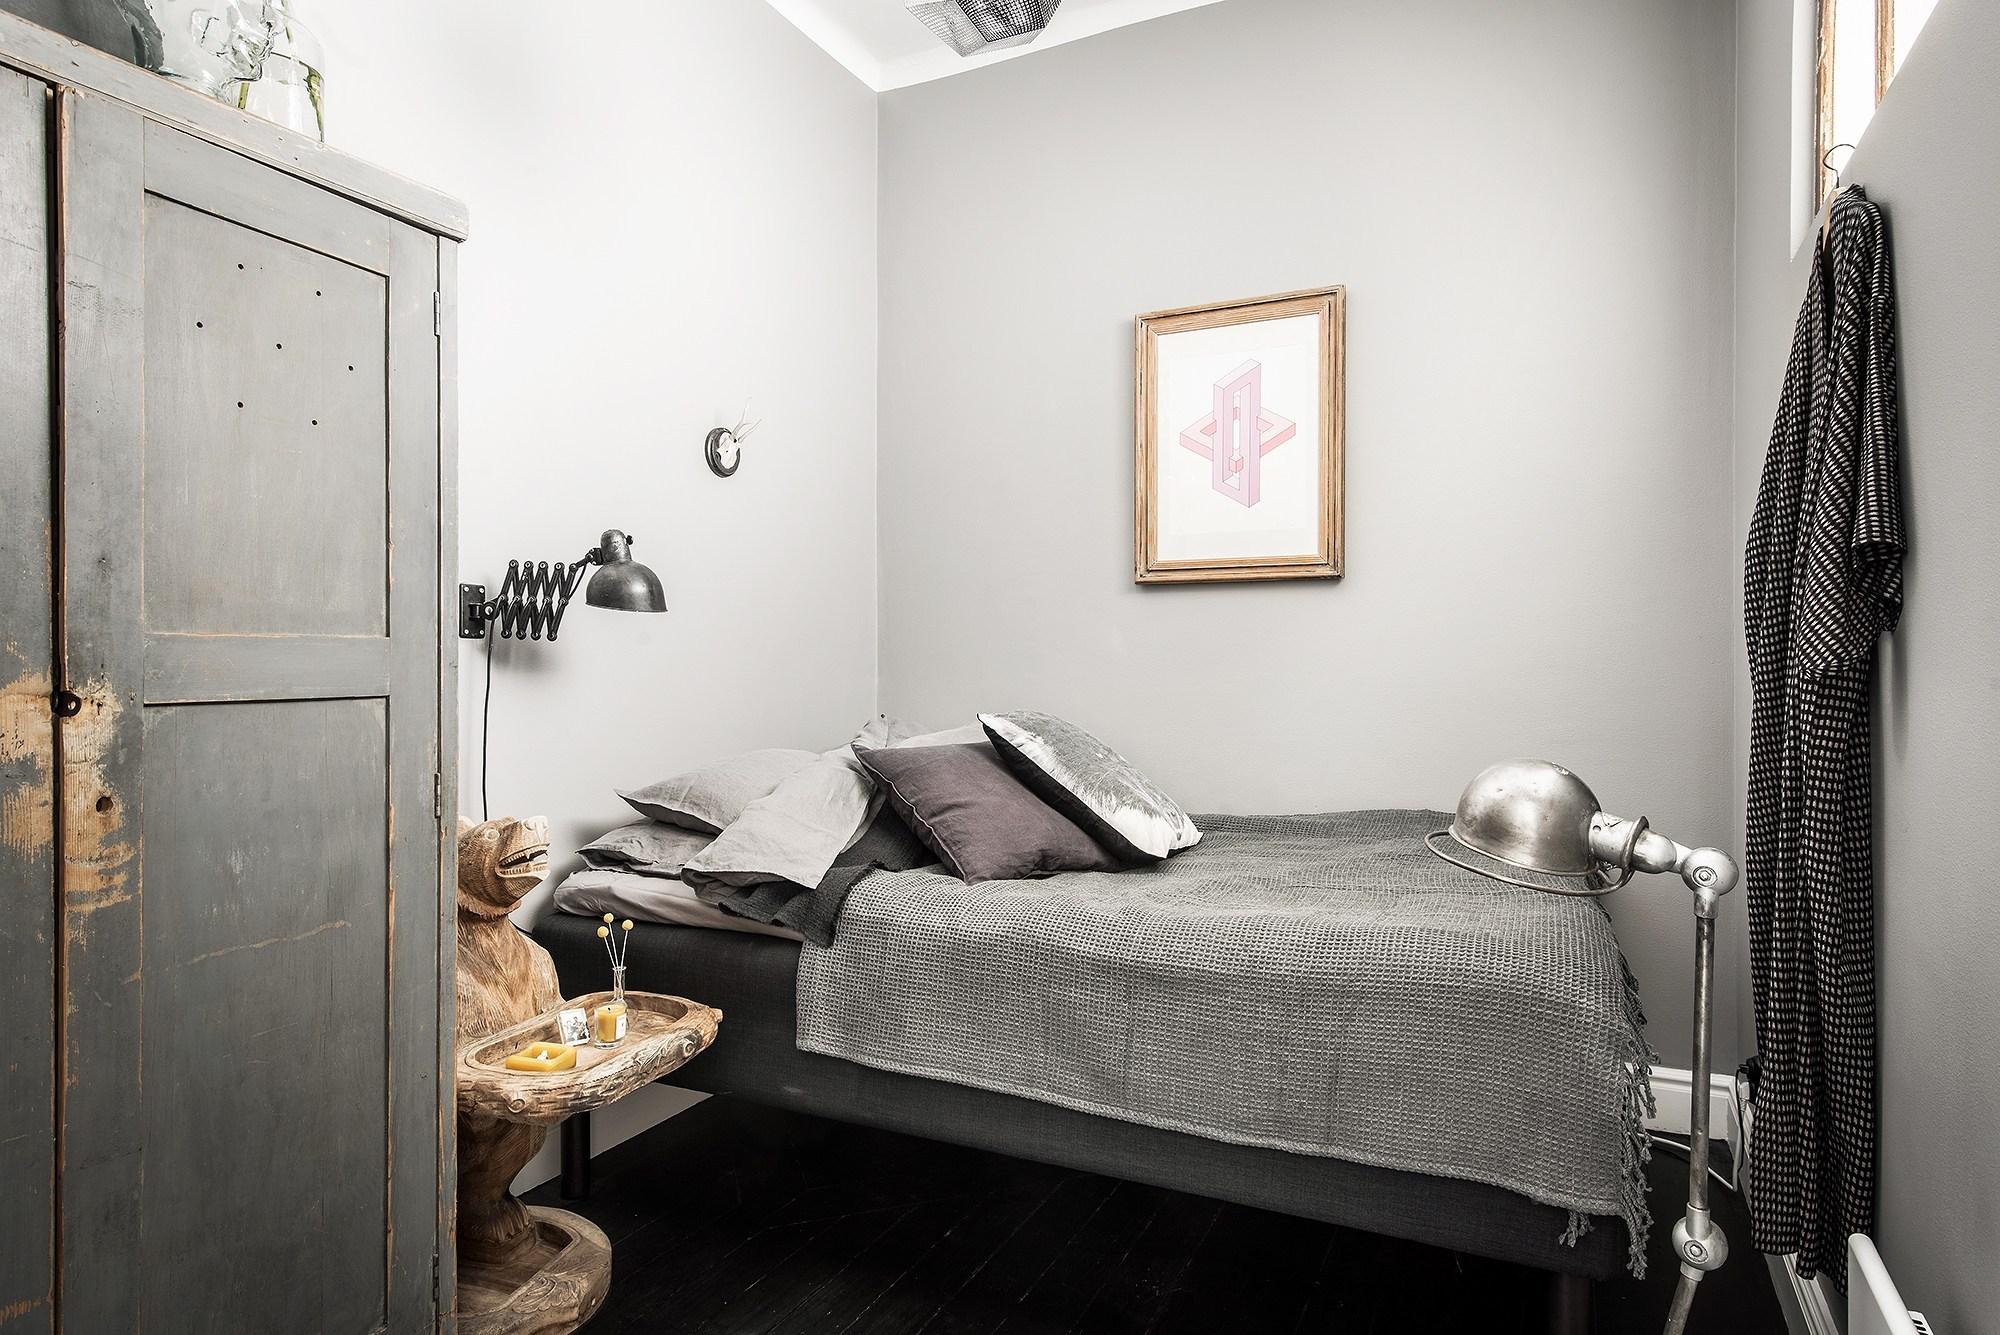 Tận dụng đồ cũ, căn hộ 42m² vẫn đẹp cá tính từng góc nhỏ - Ảnh 14.